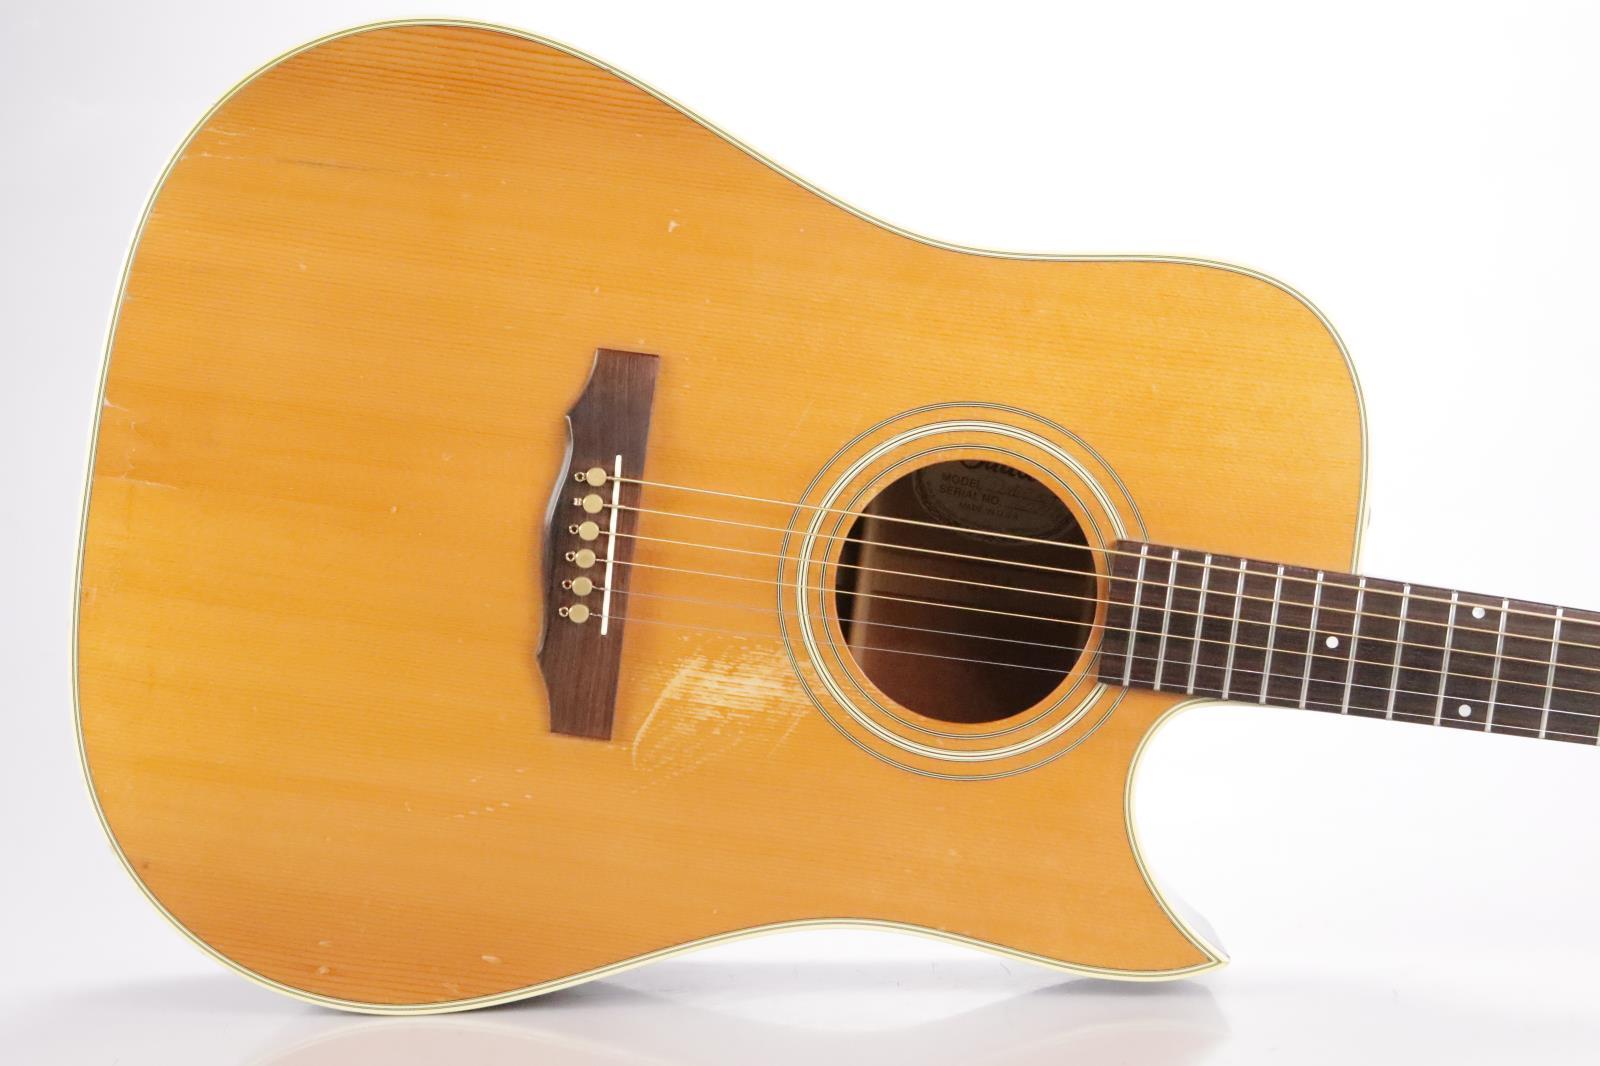 1976 Guild D40C Acoustic Guitar w/ Hard Shell Case & Extras D-40C D-40 C #34196